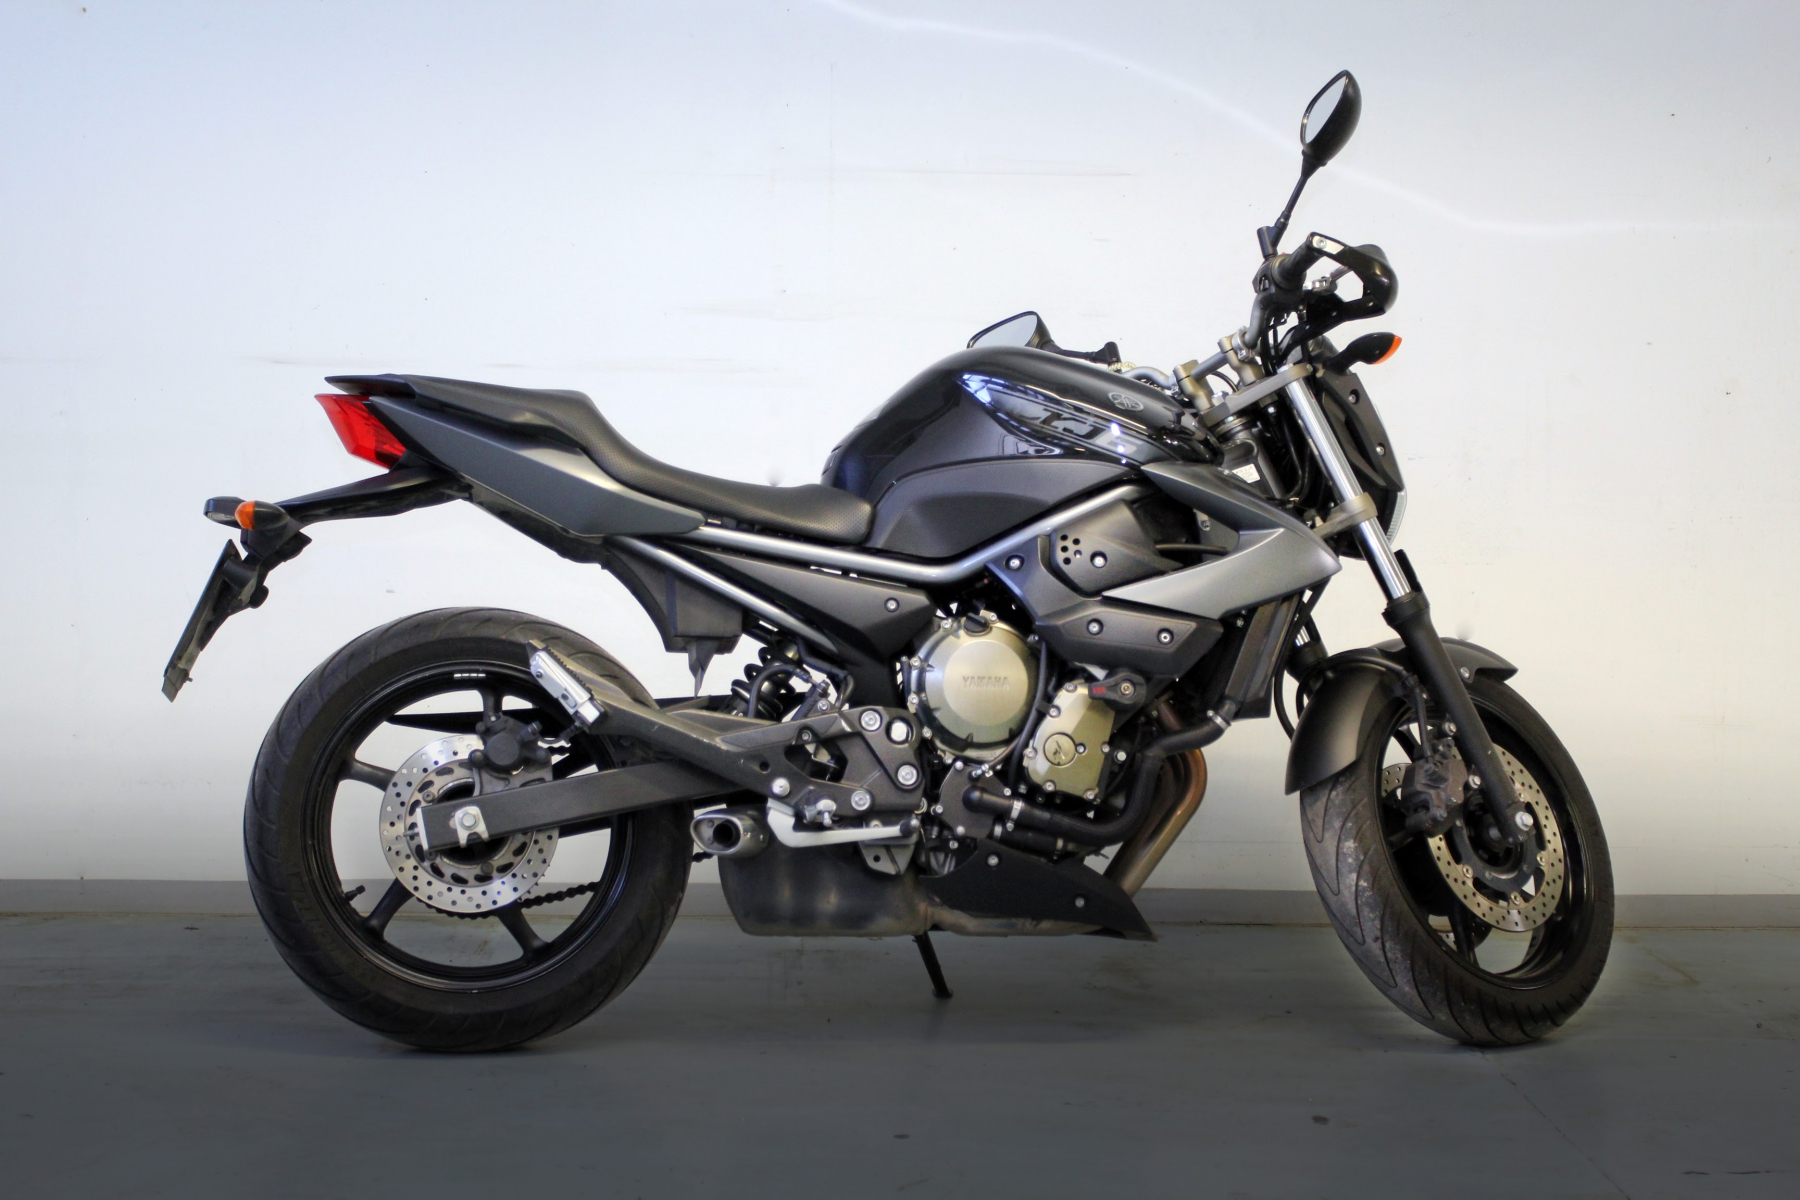 Yamaha XJ 6 600